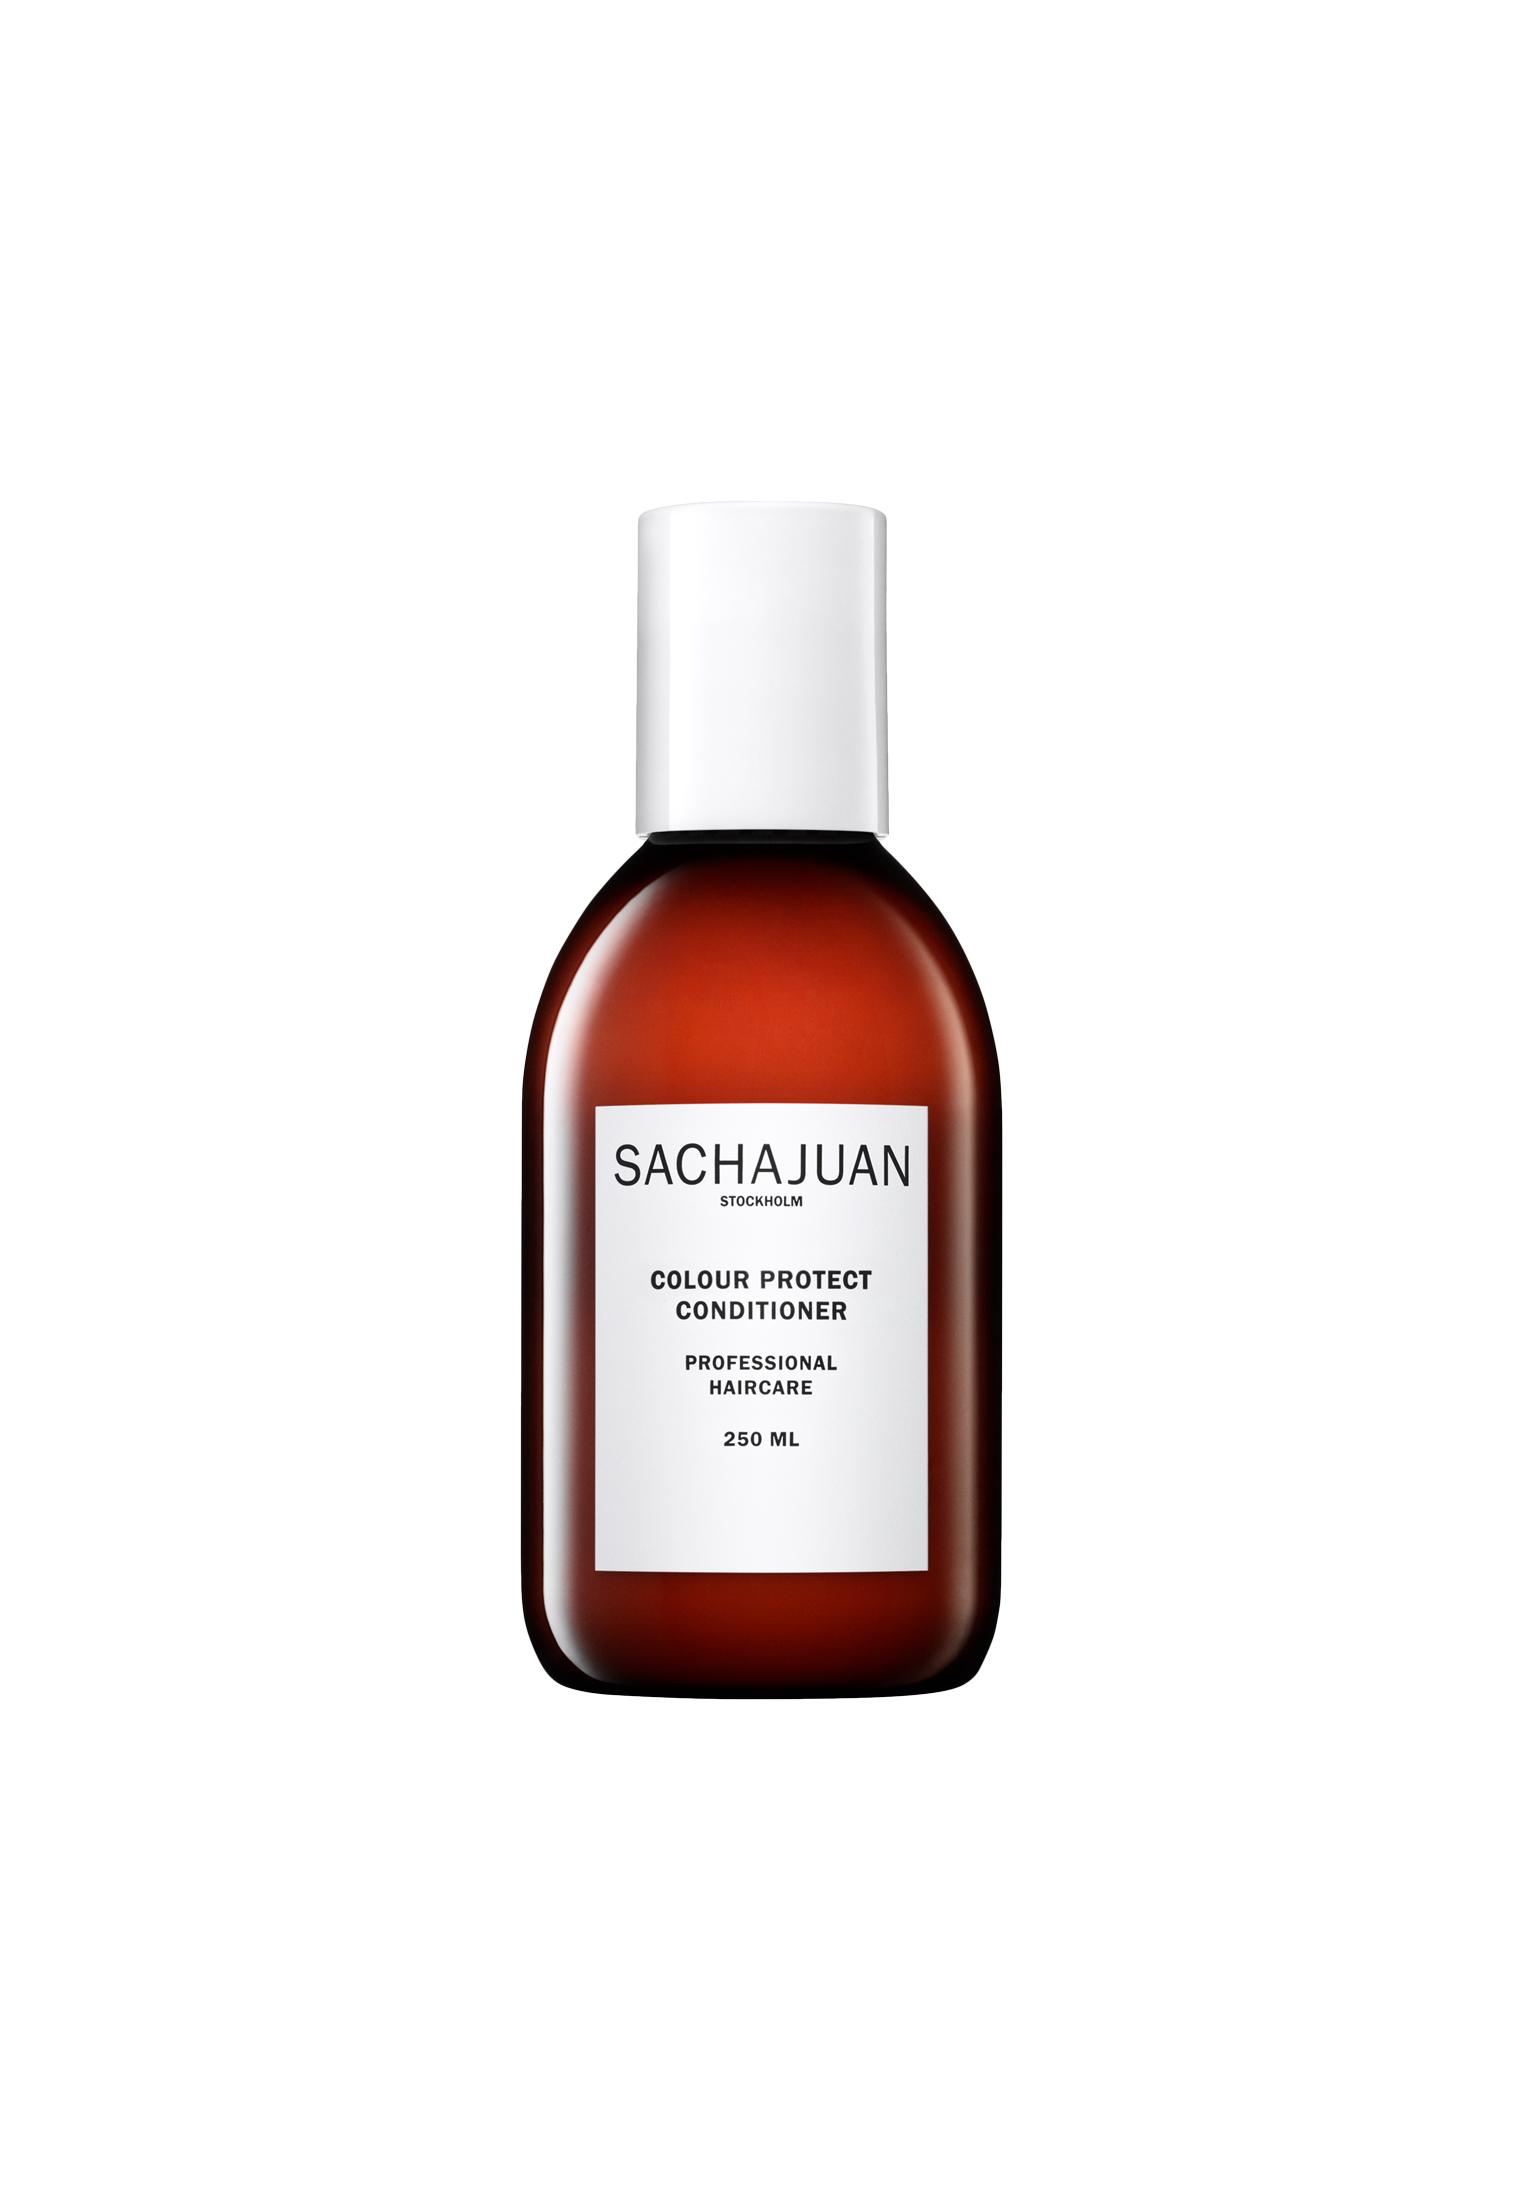 SACHAJUAN - Color Protect Conditioner - 250 ml